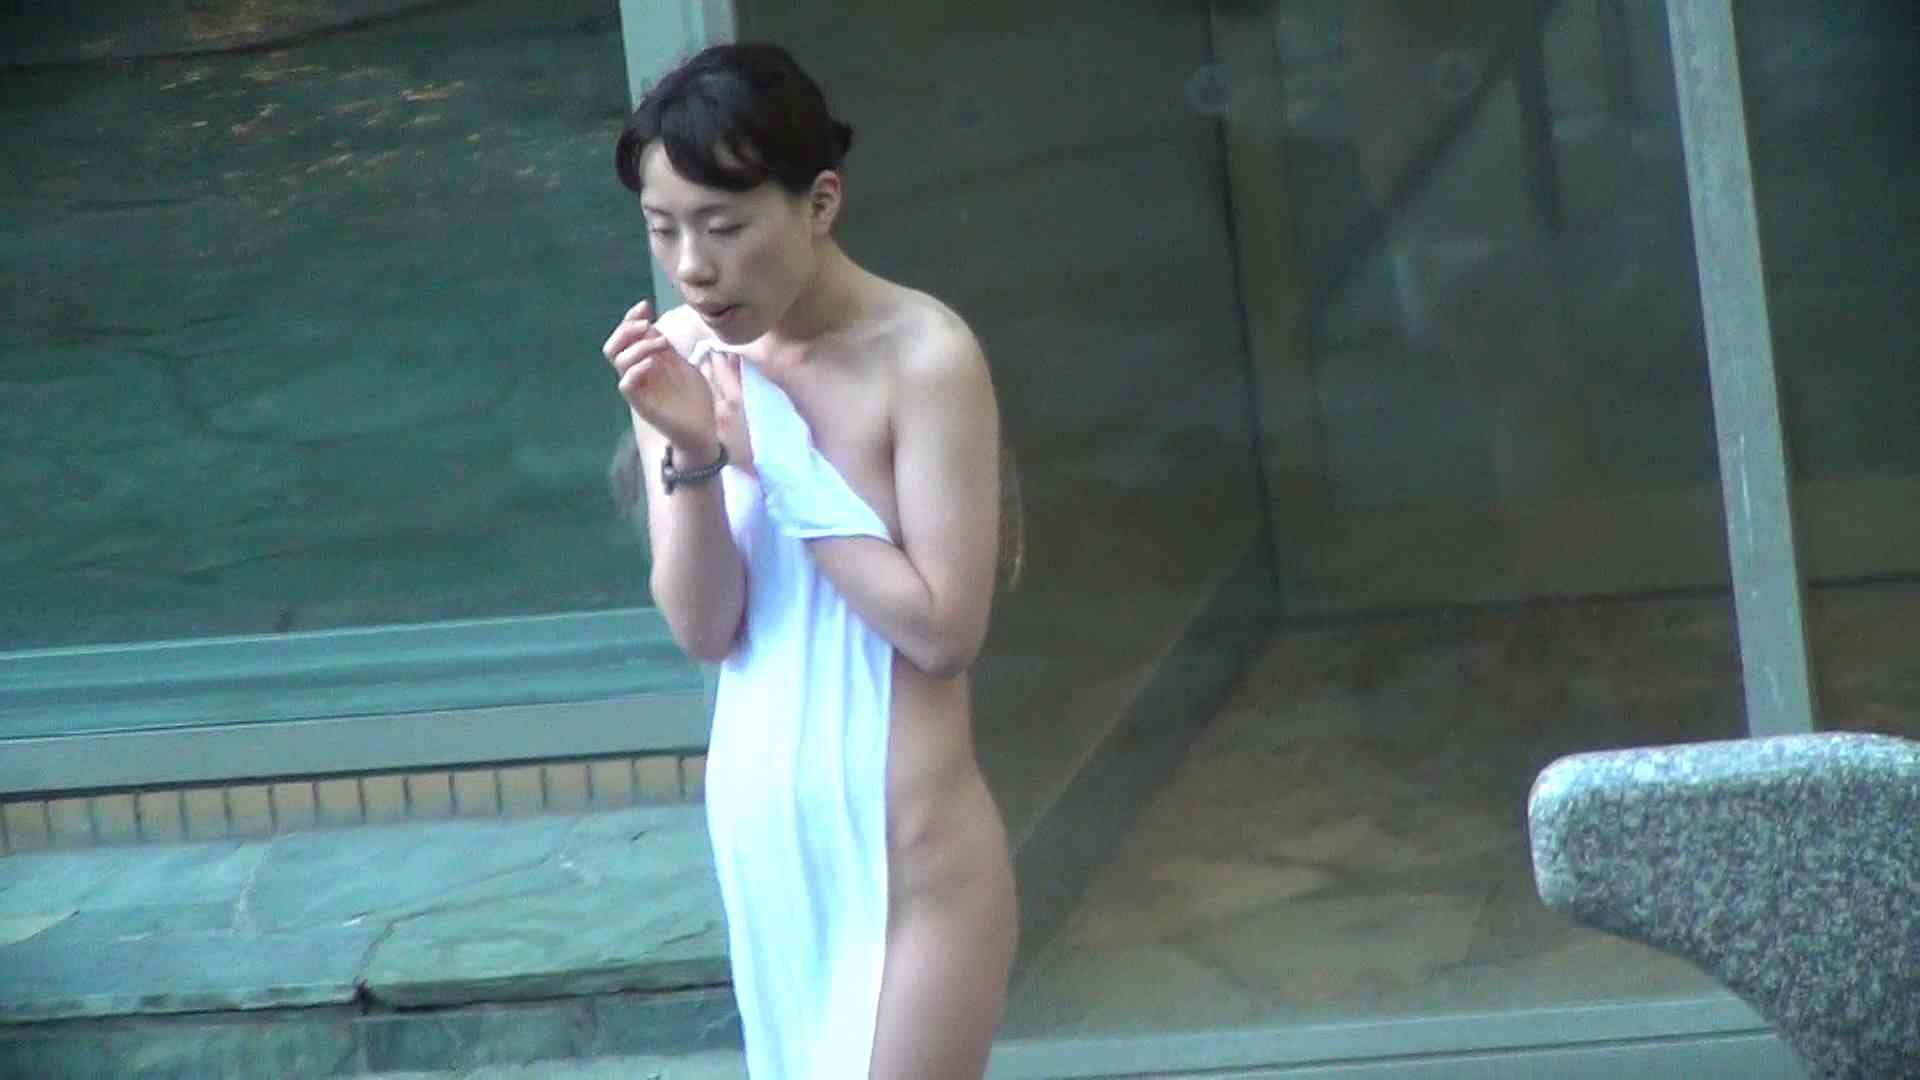 Aquaな露天風呂Vol.303 盗撮シリーズ  90PIX 84